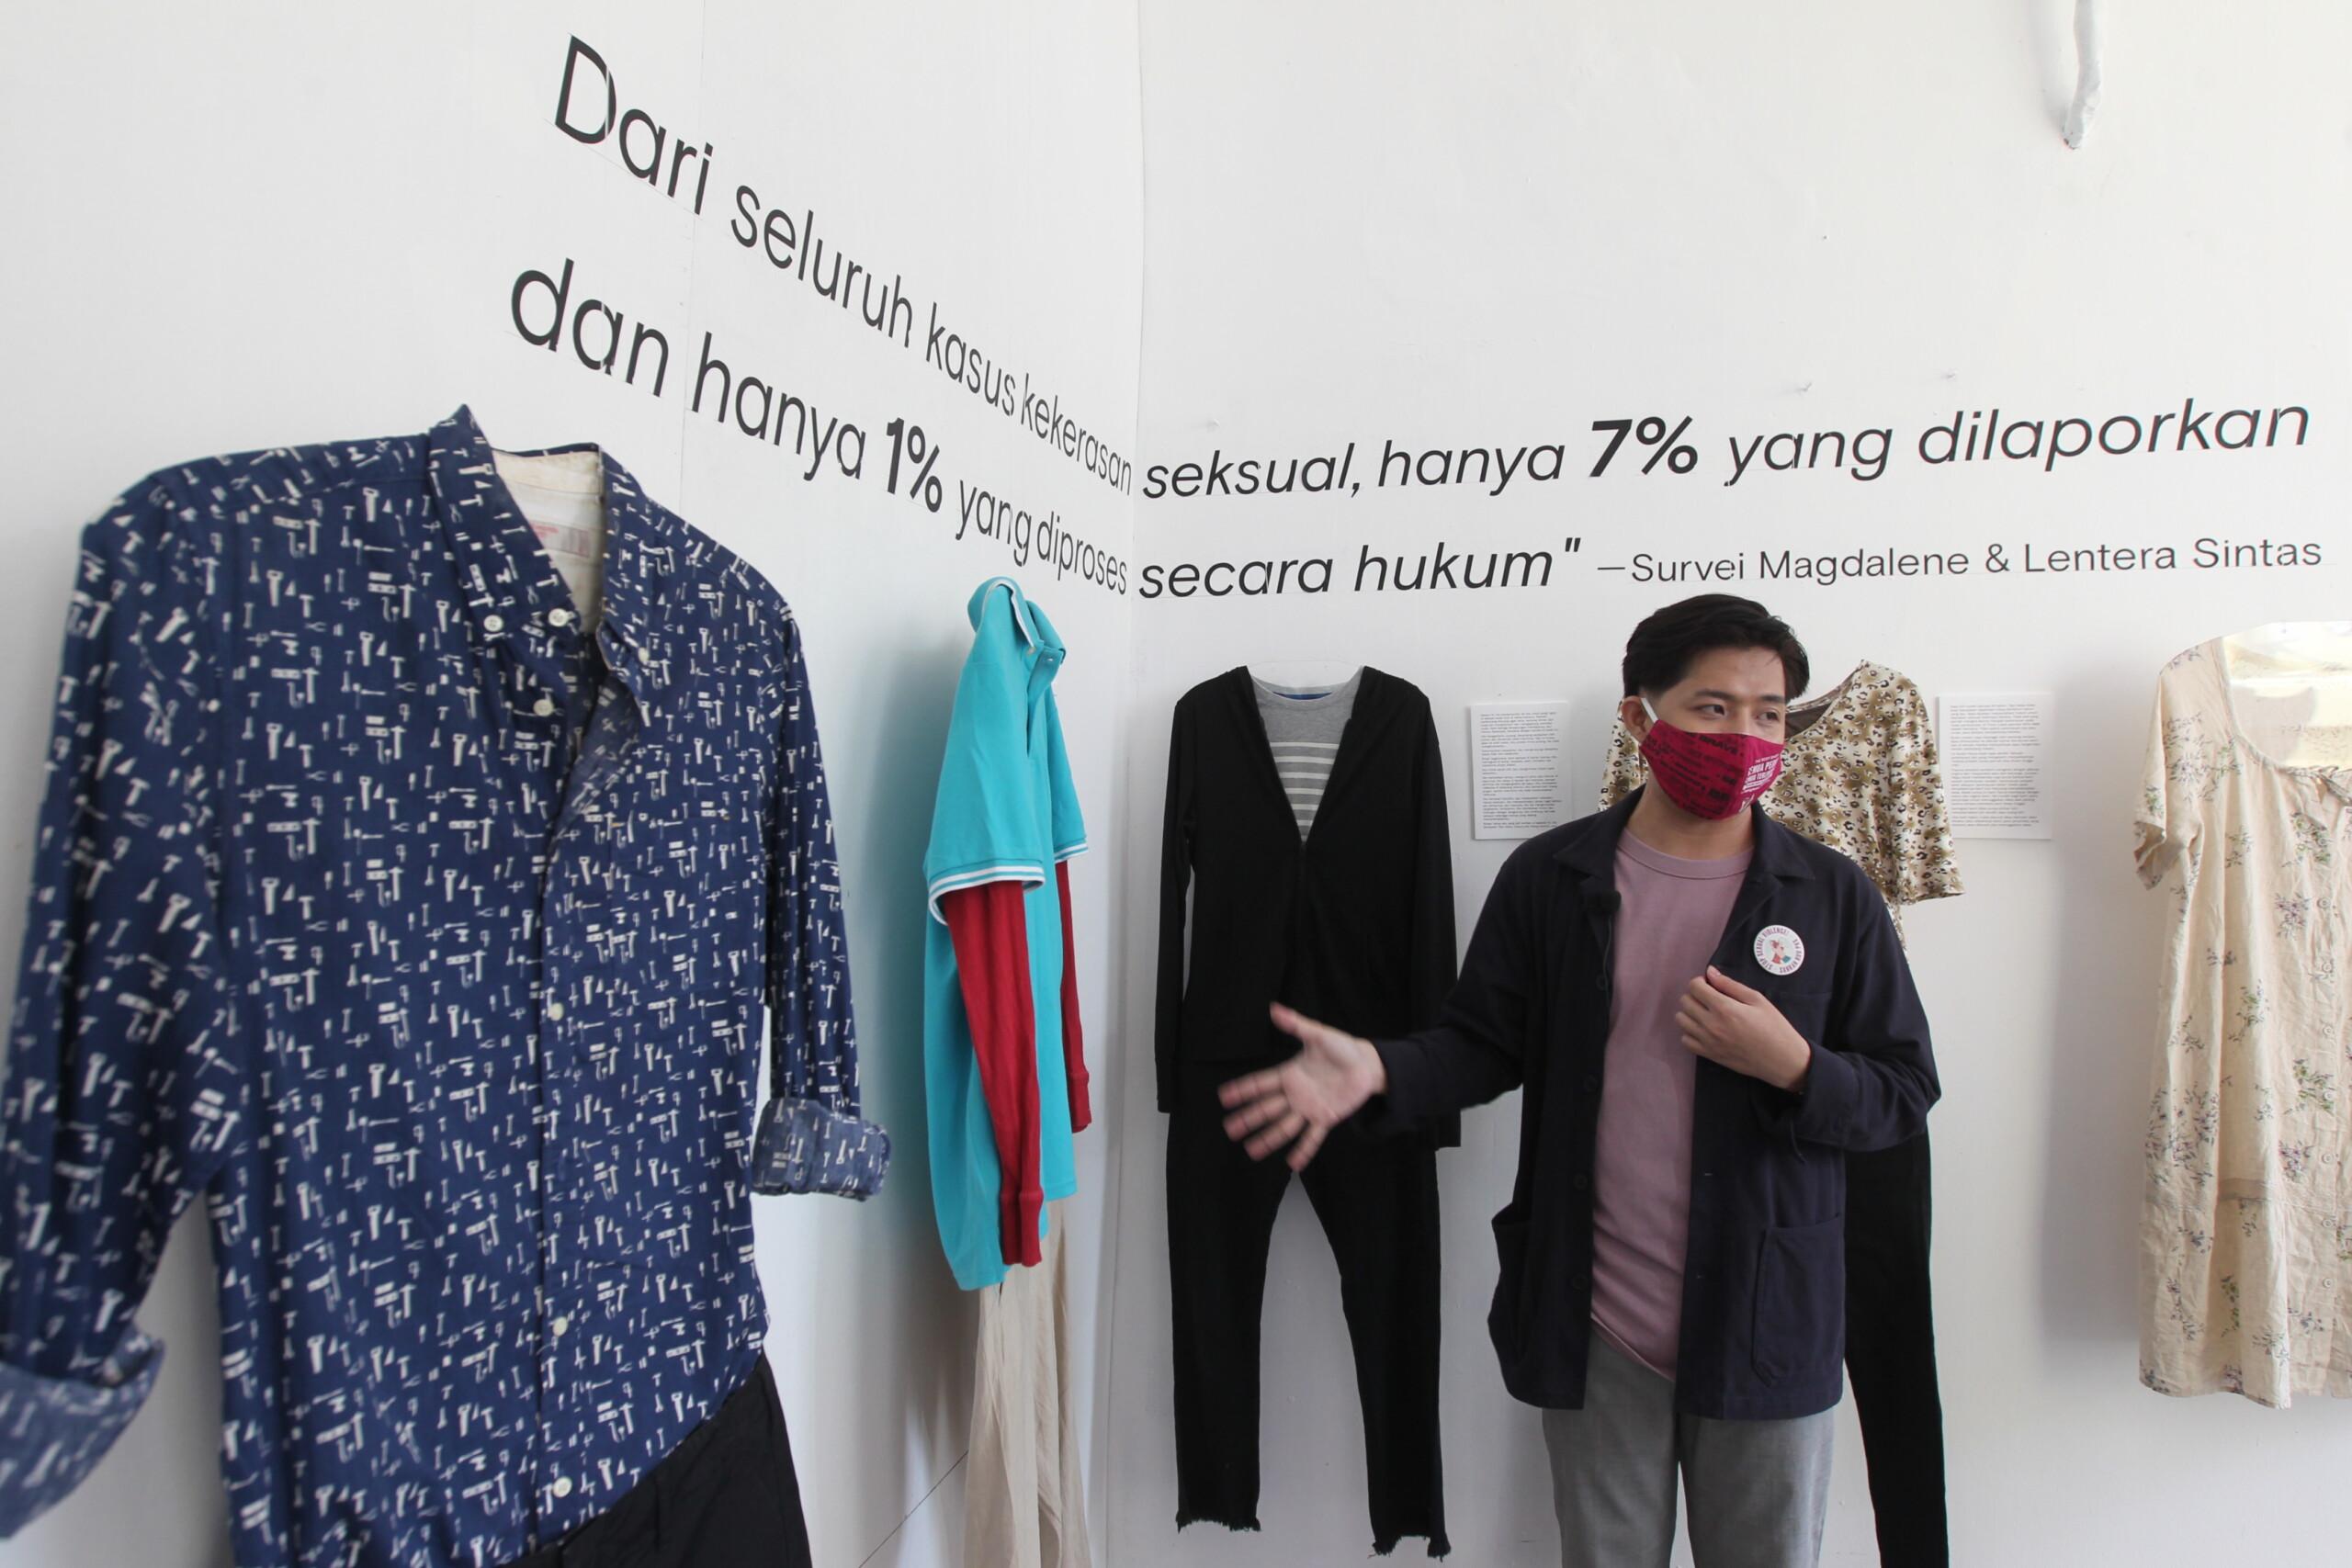 Shoes art instalasi ini berpihak pada penyintas dan menggunakan perspektif penyintas.